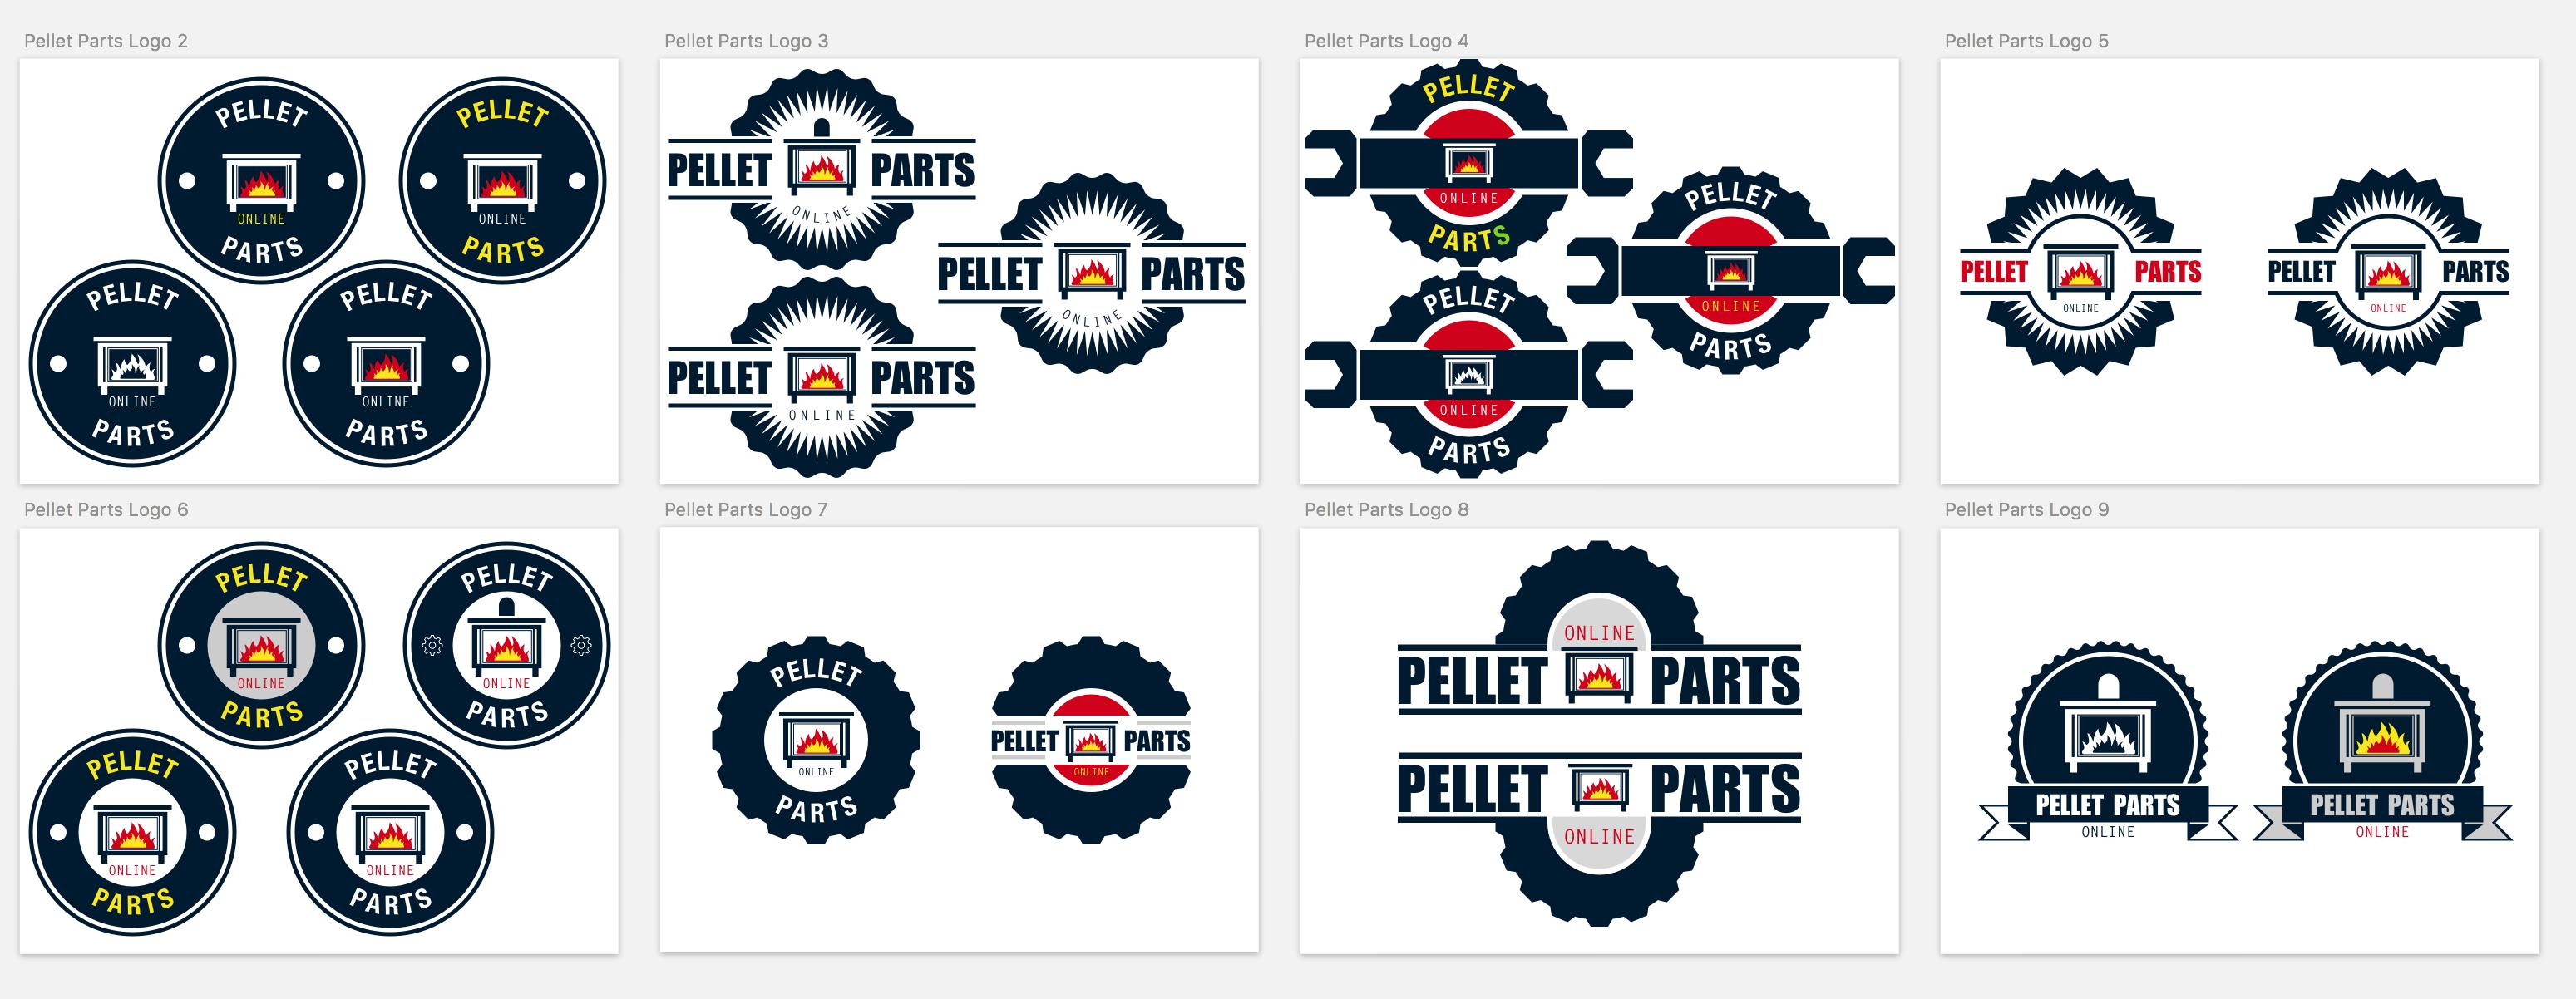 ejstudios, logo design, pellet parts logo